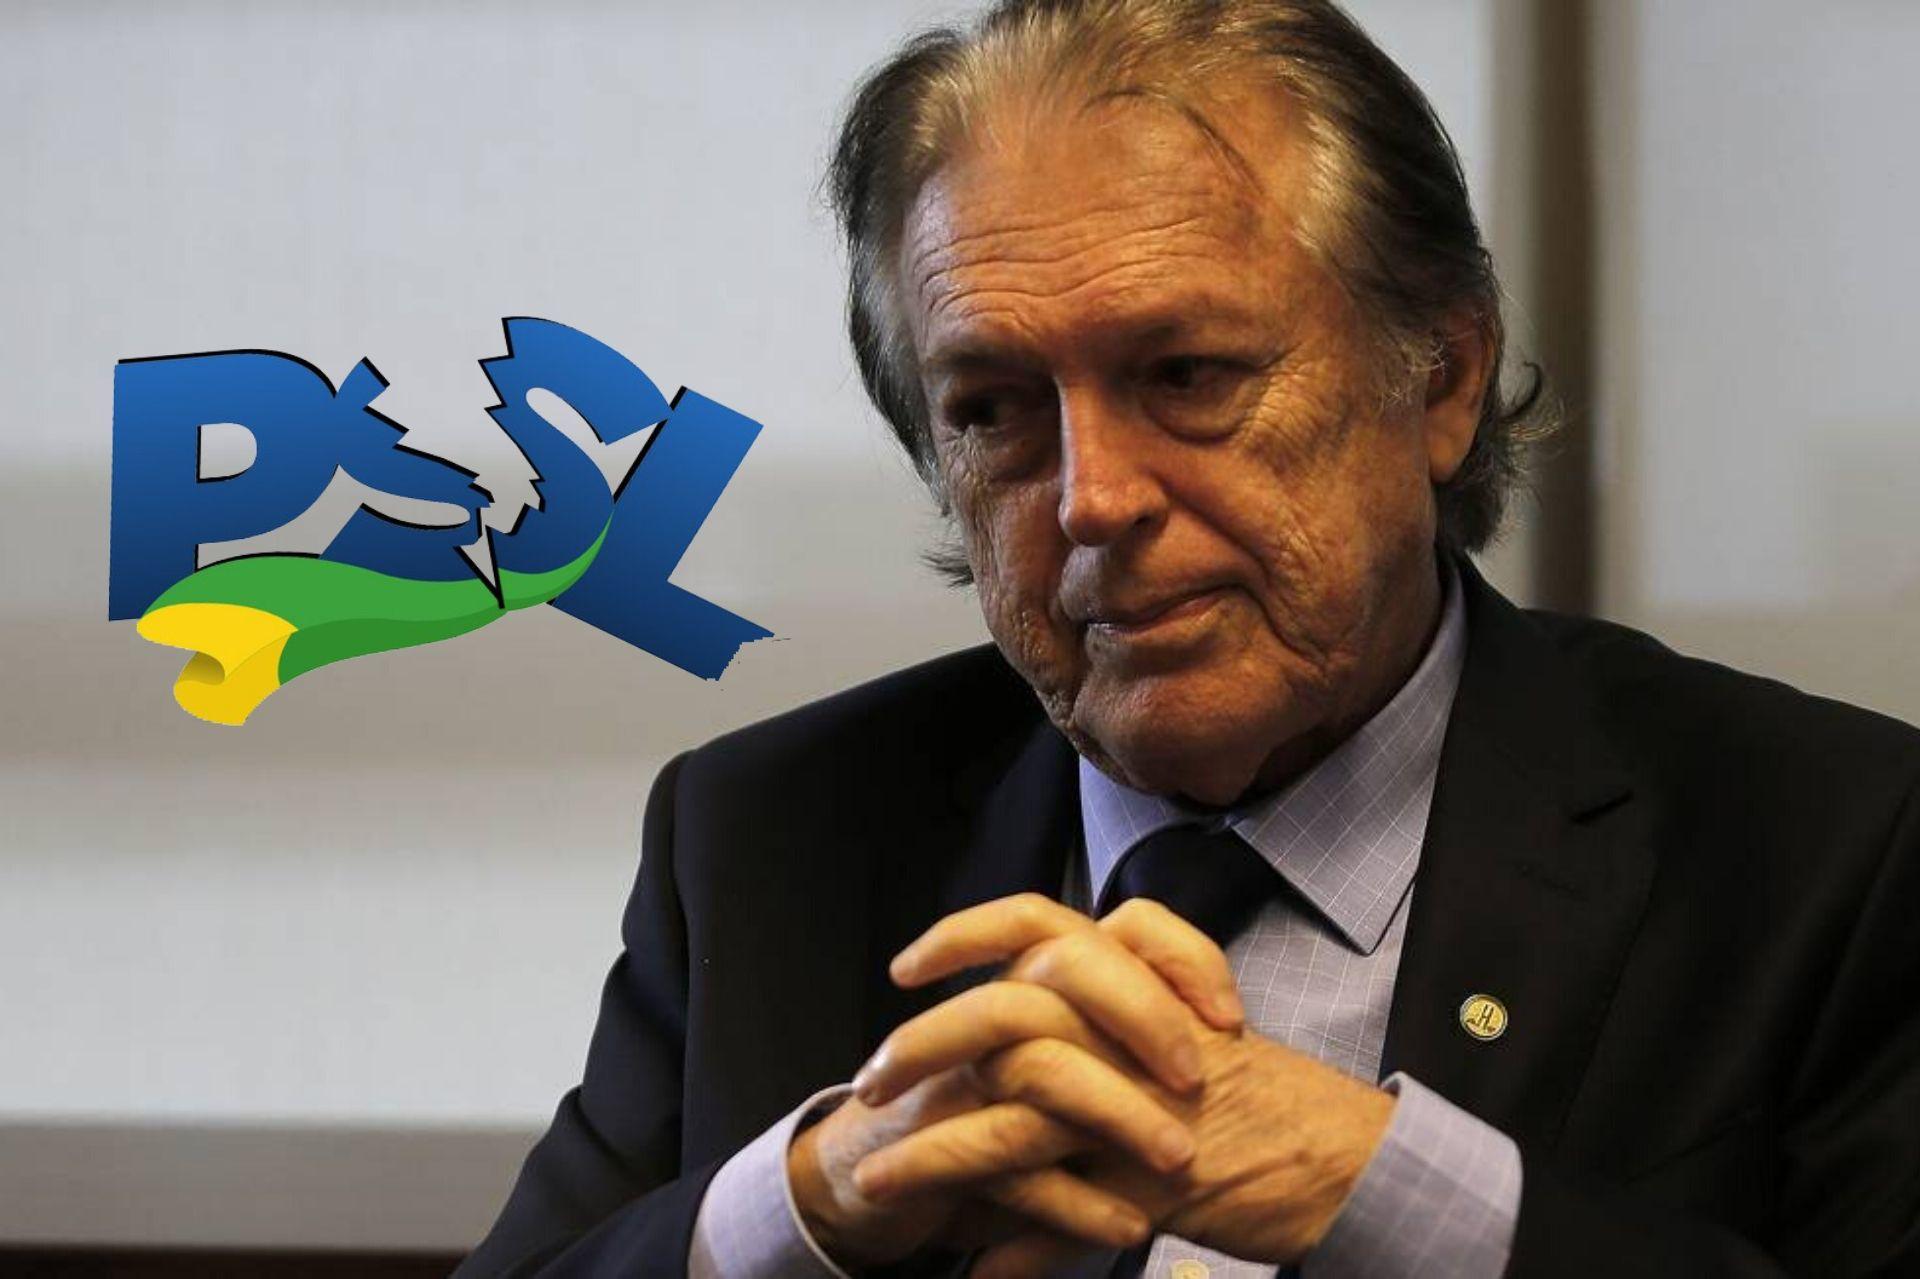 Após saída de Bolsonaro, pedidos de desfiliação quadruplica no PSL